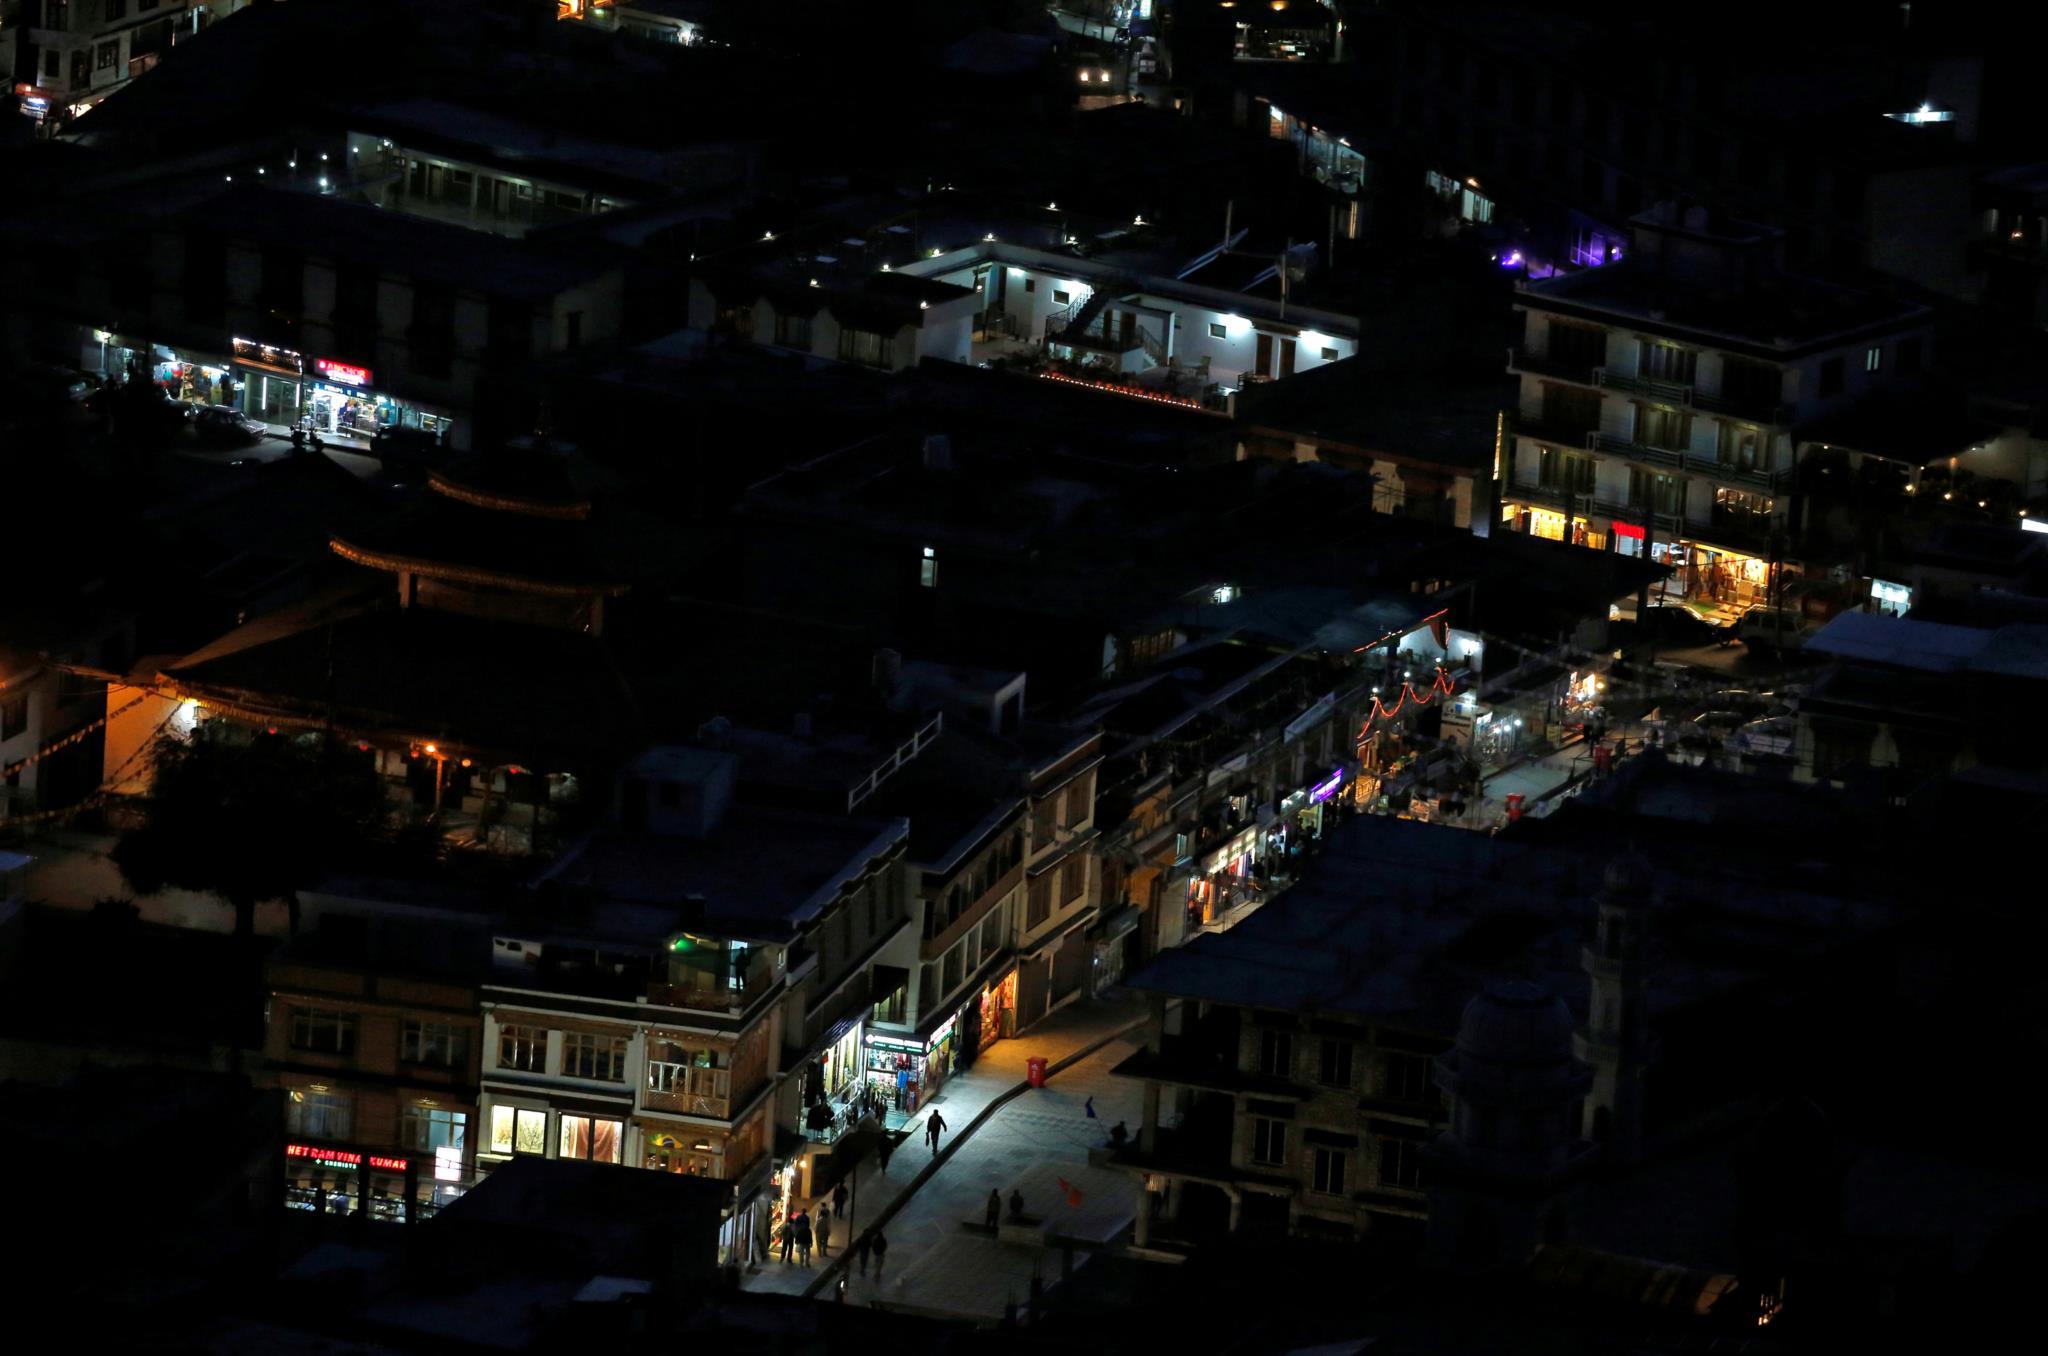 As luzes das lojas iluminam a noite na maior cidade da região